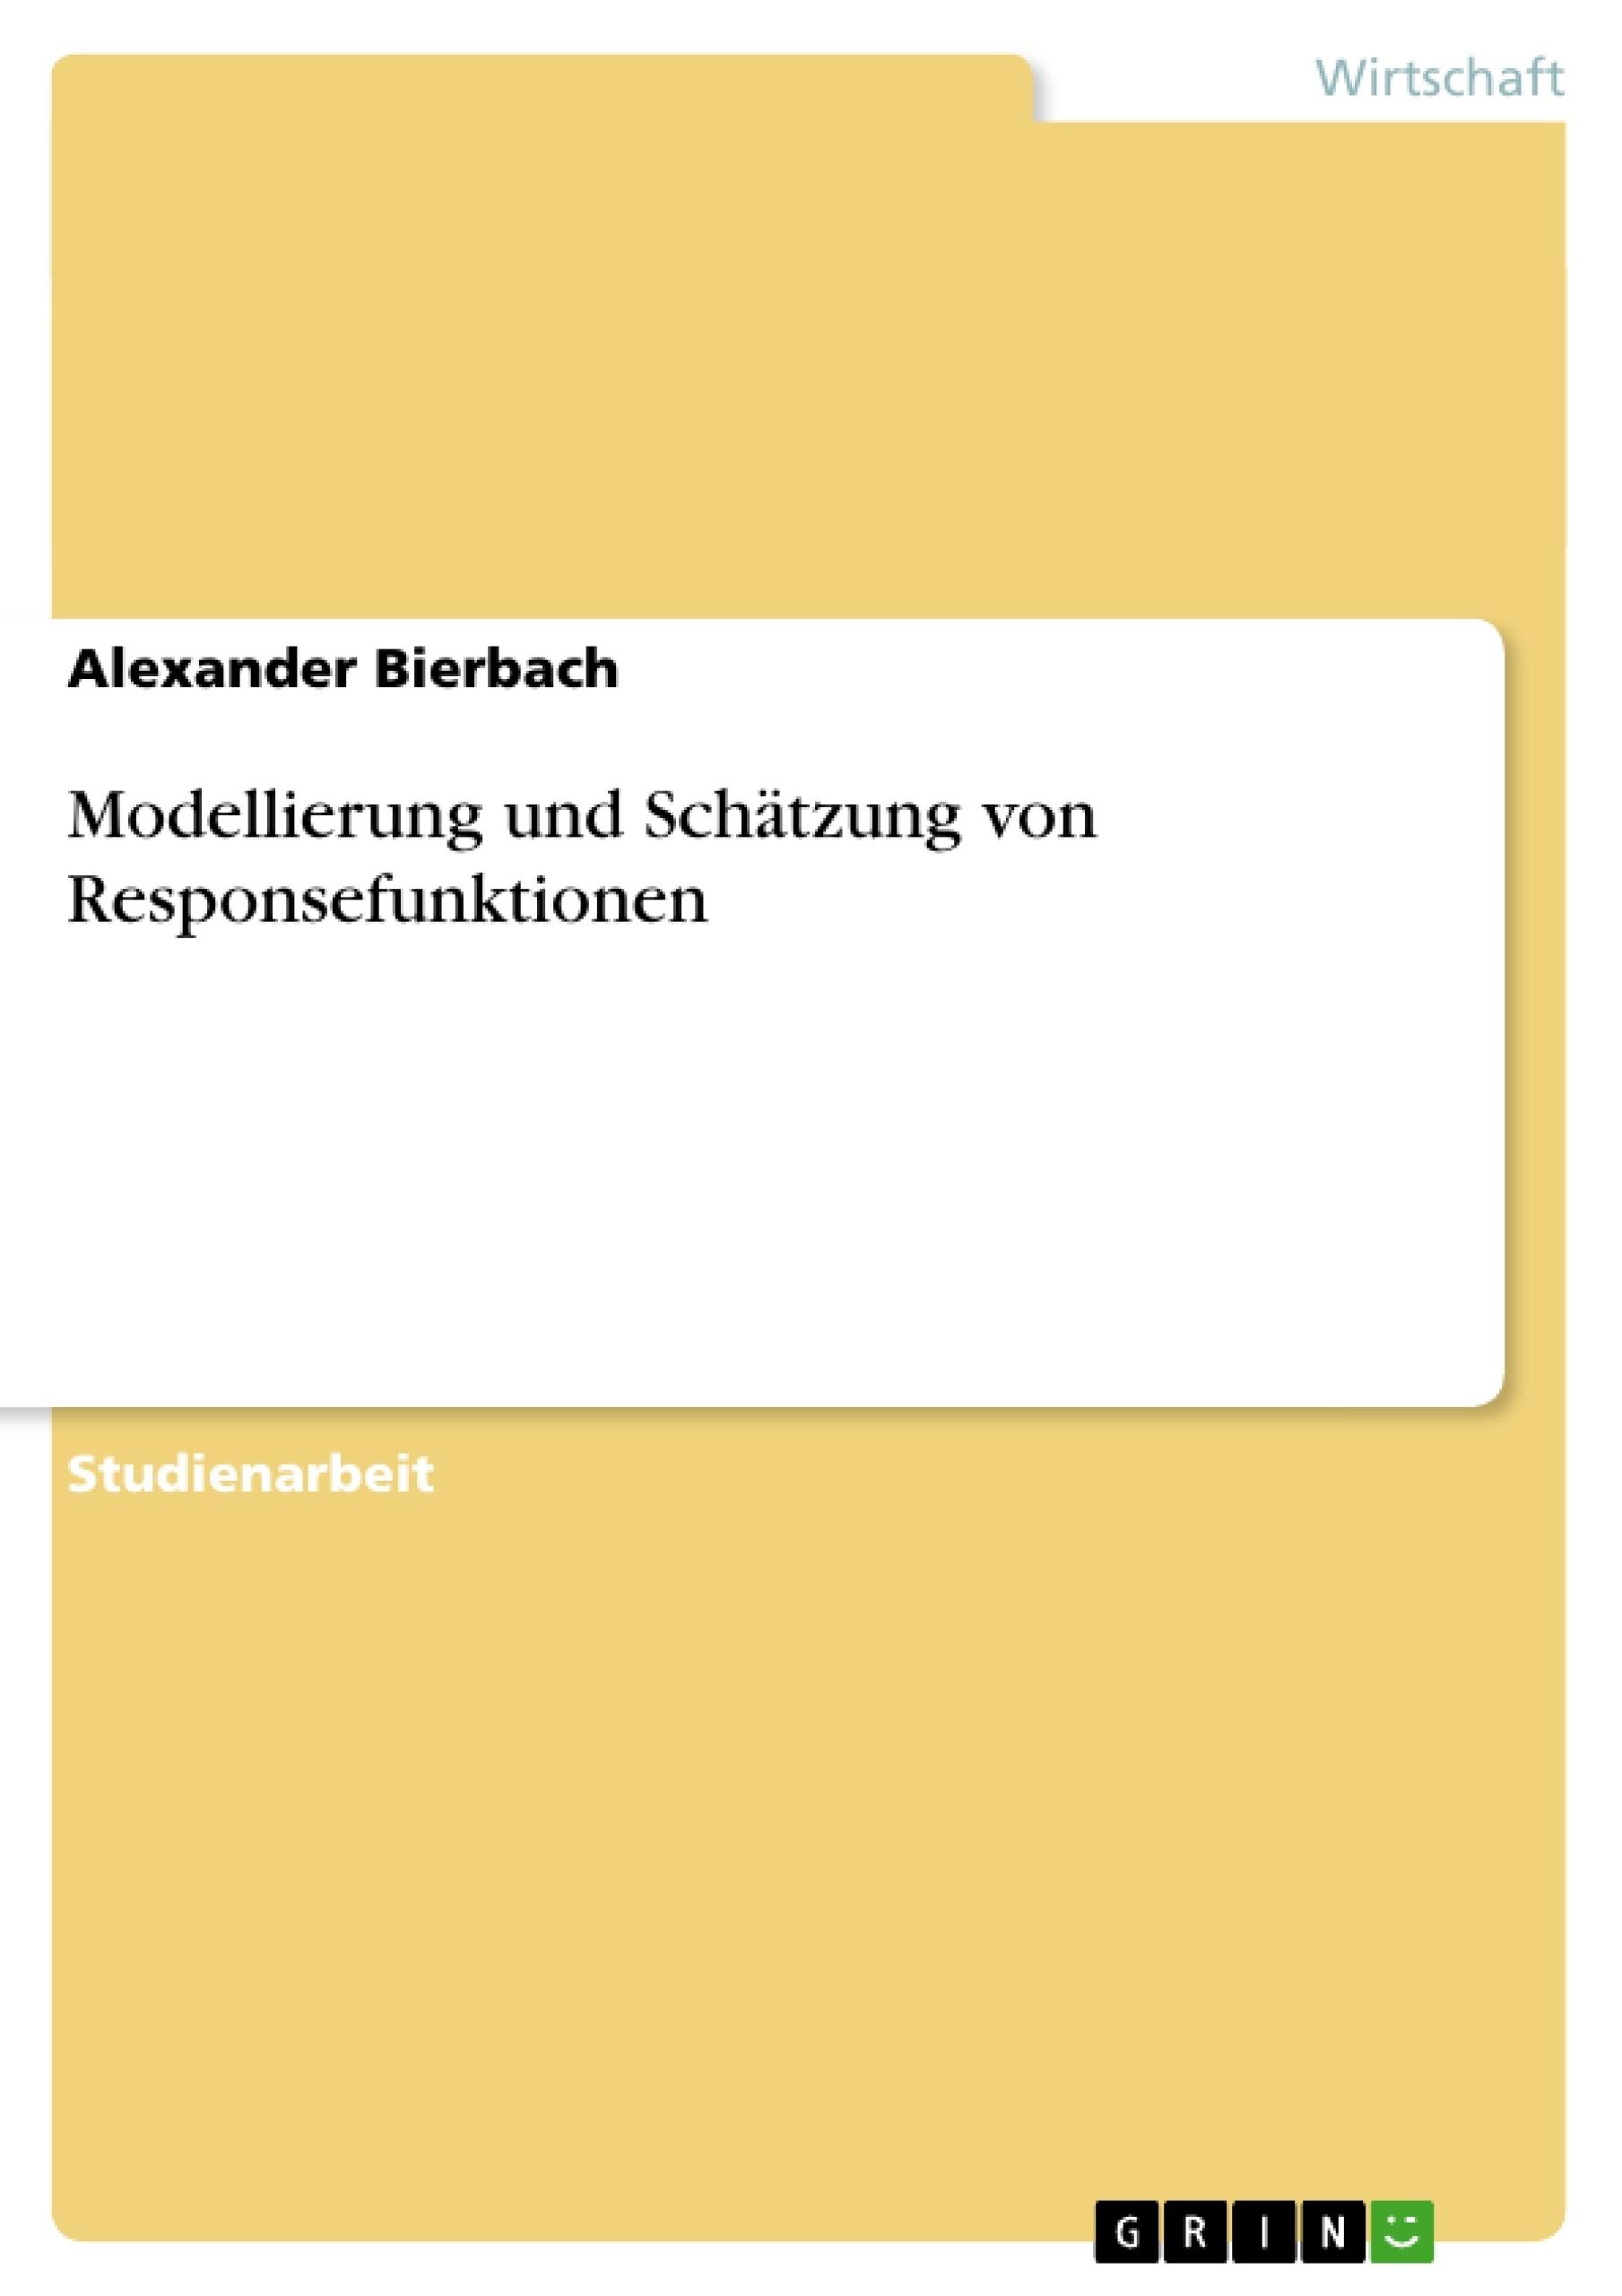 Titel: Modellierung und Schätzung von Responsefunktionen